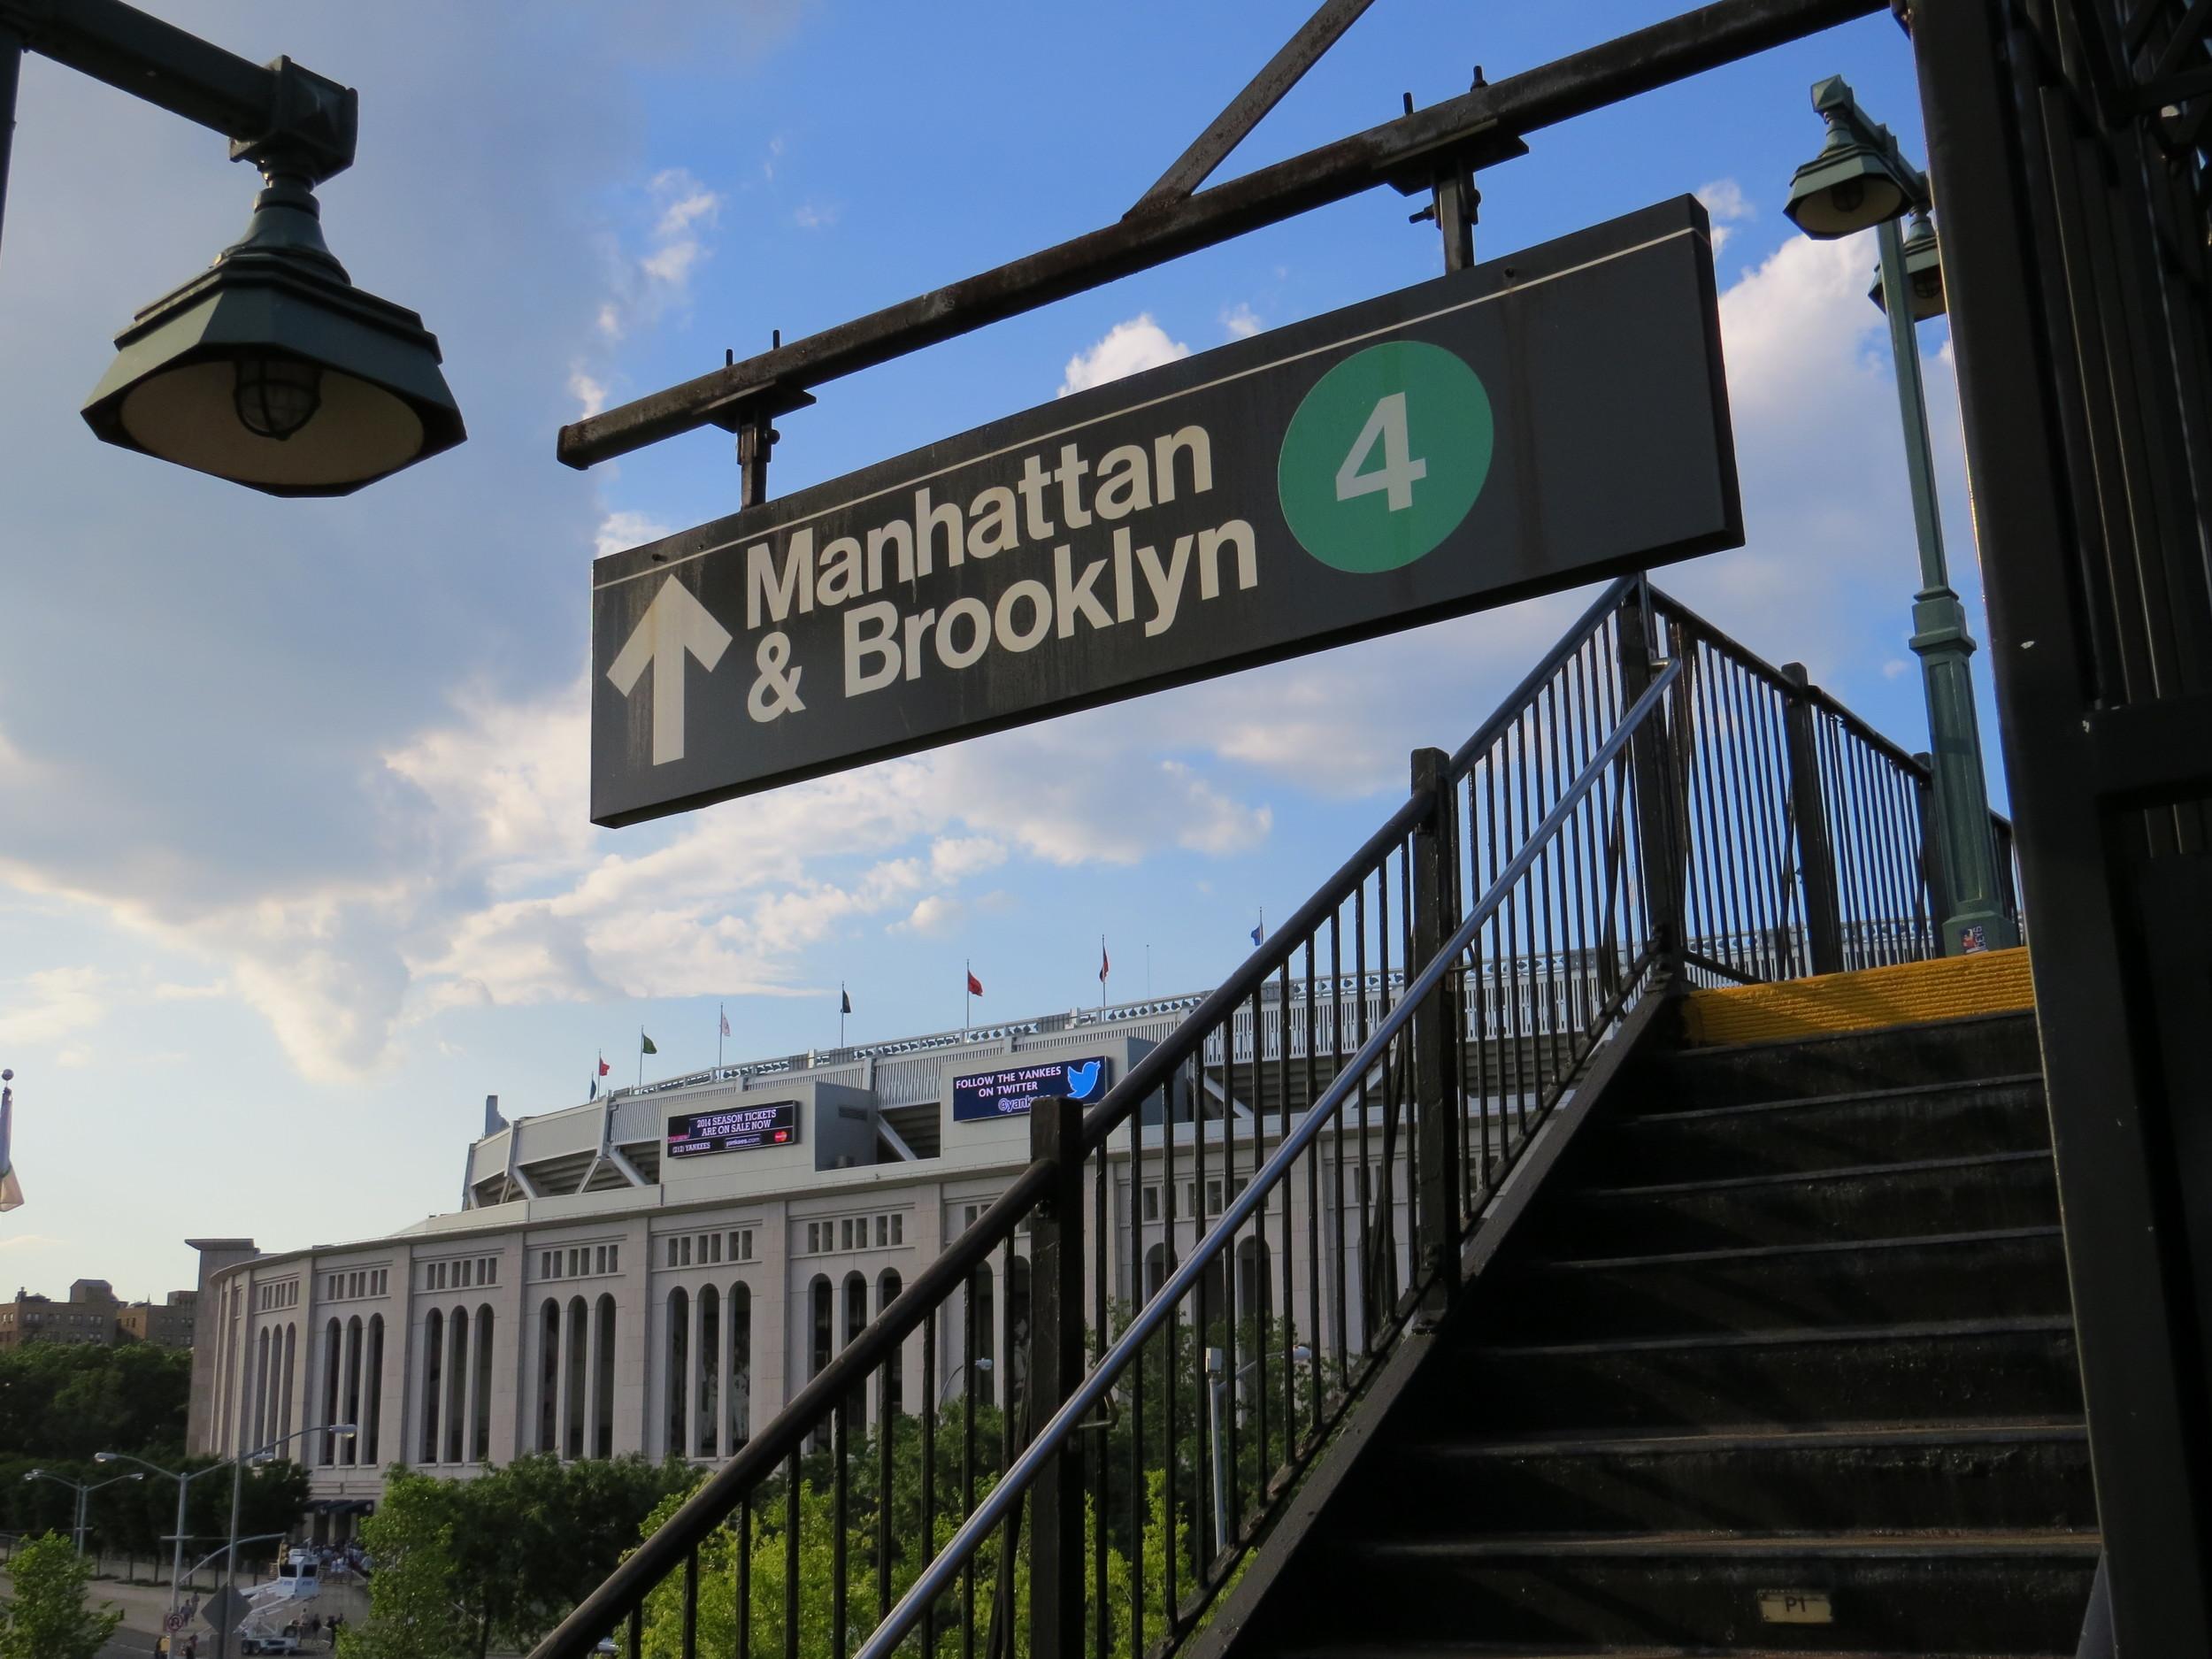 Yankee Stadium 4 Train 379.JPG